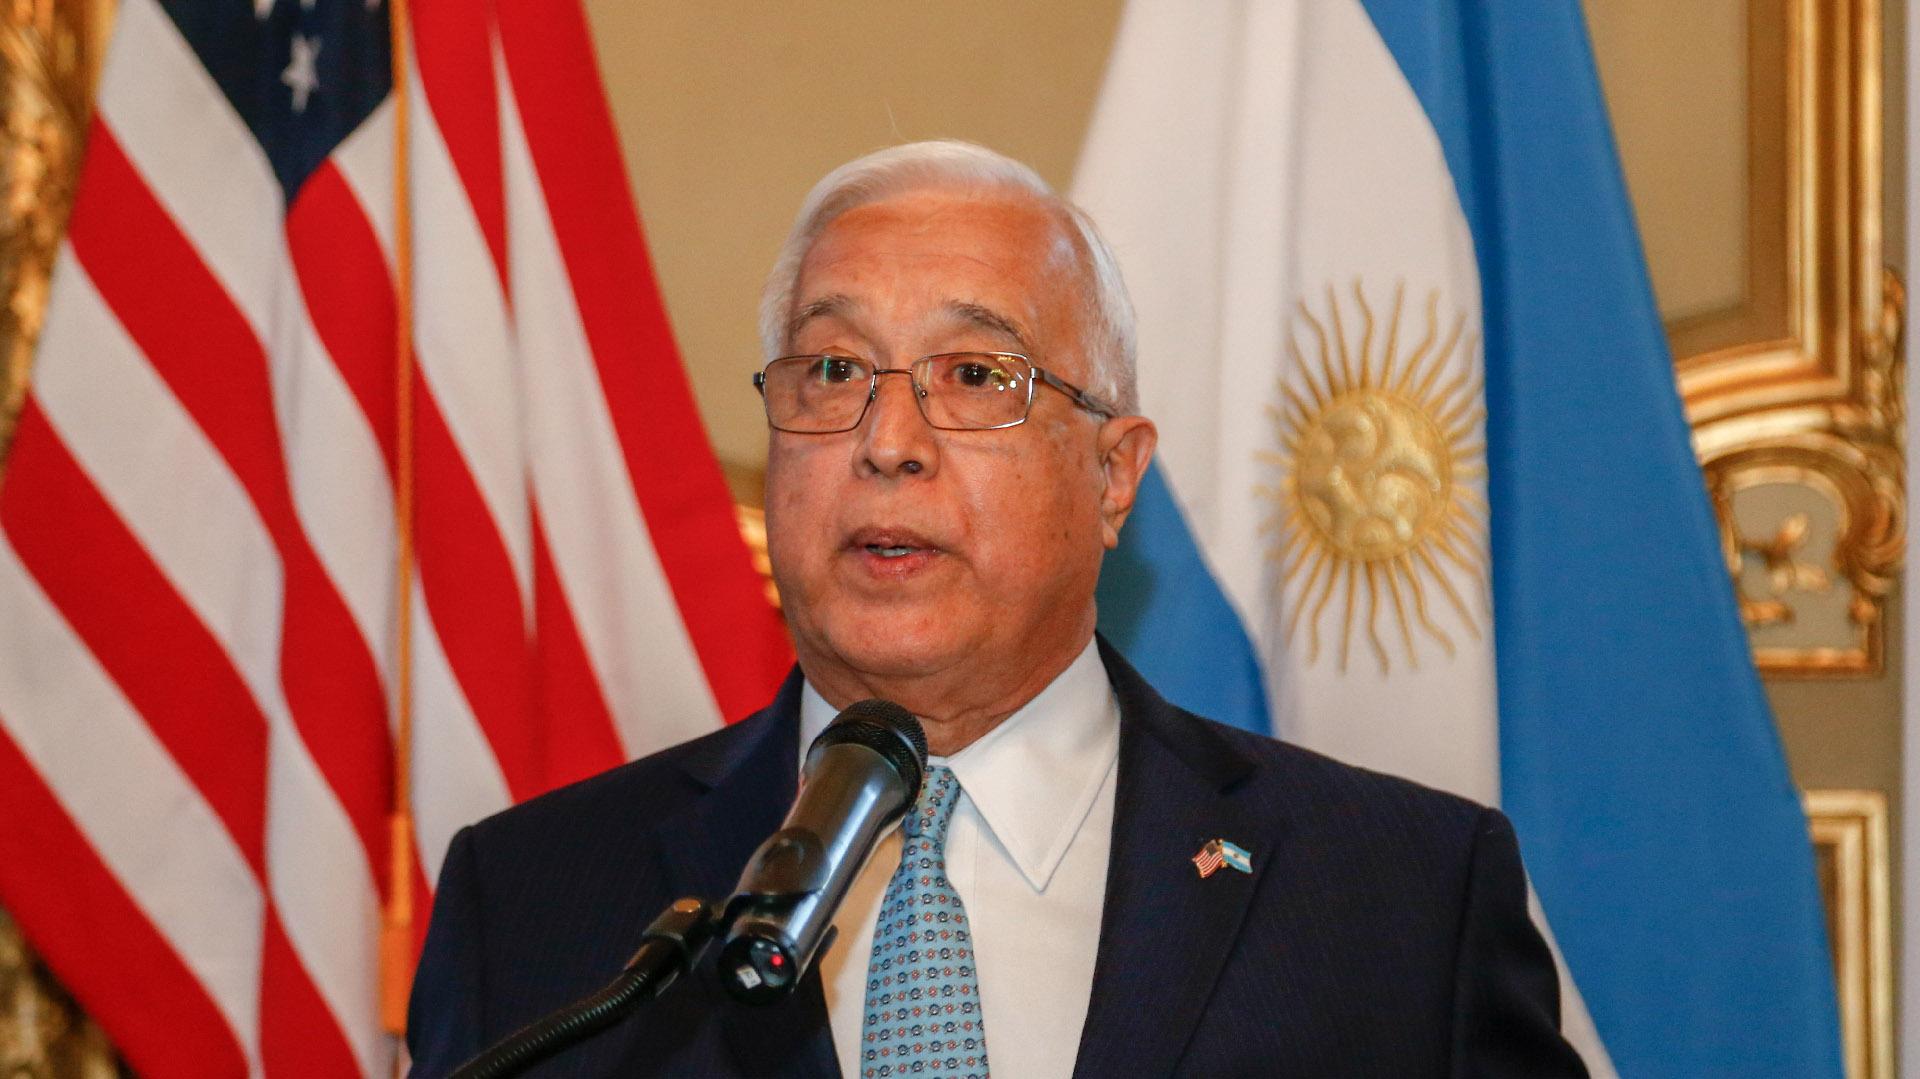 El discurso del embajador de los Estados Unidos en la Argentina, Edward C. Prado